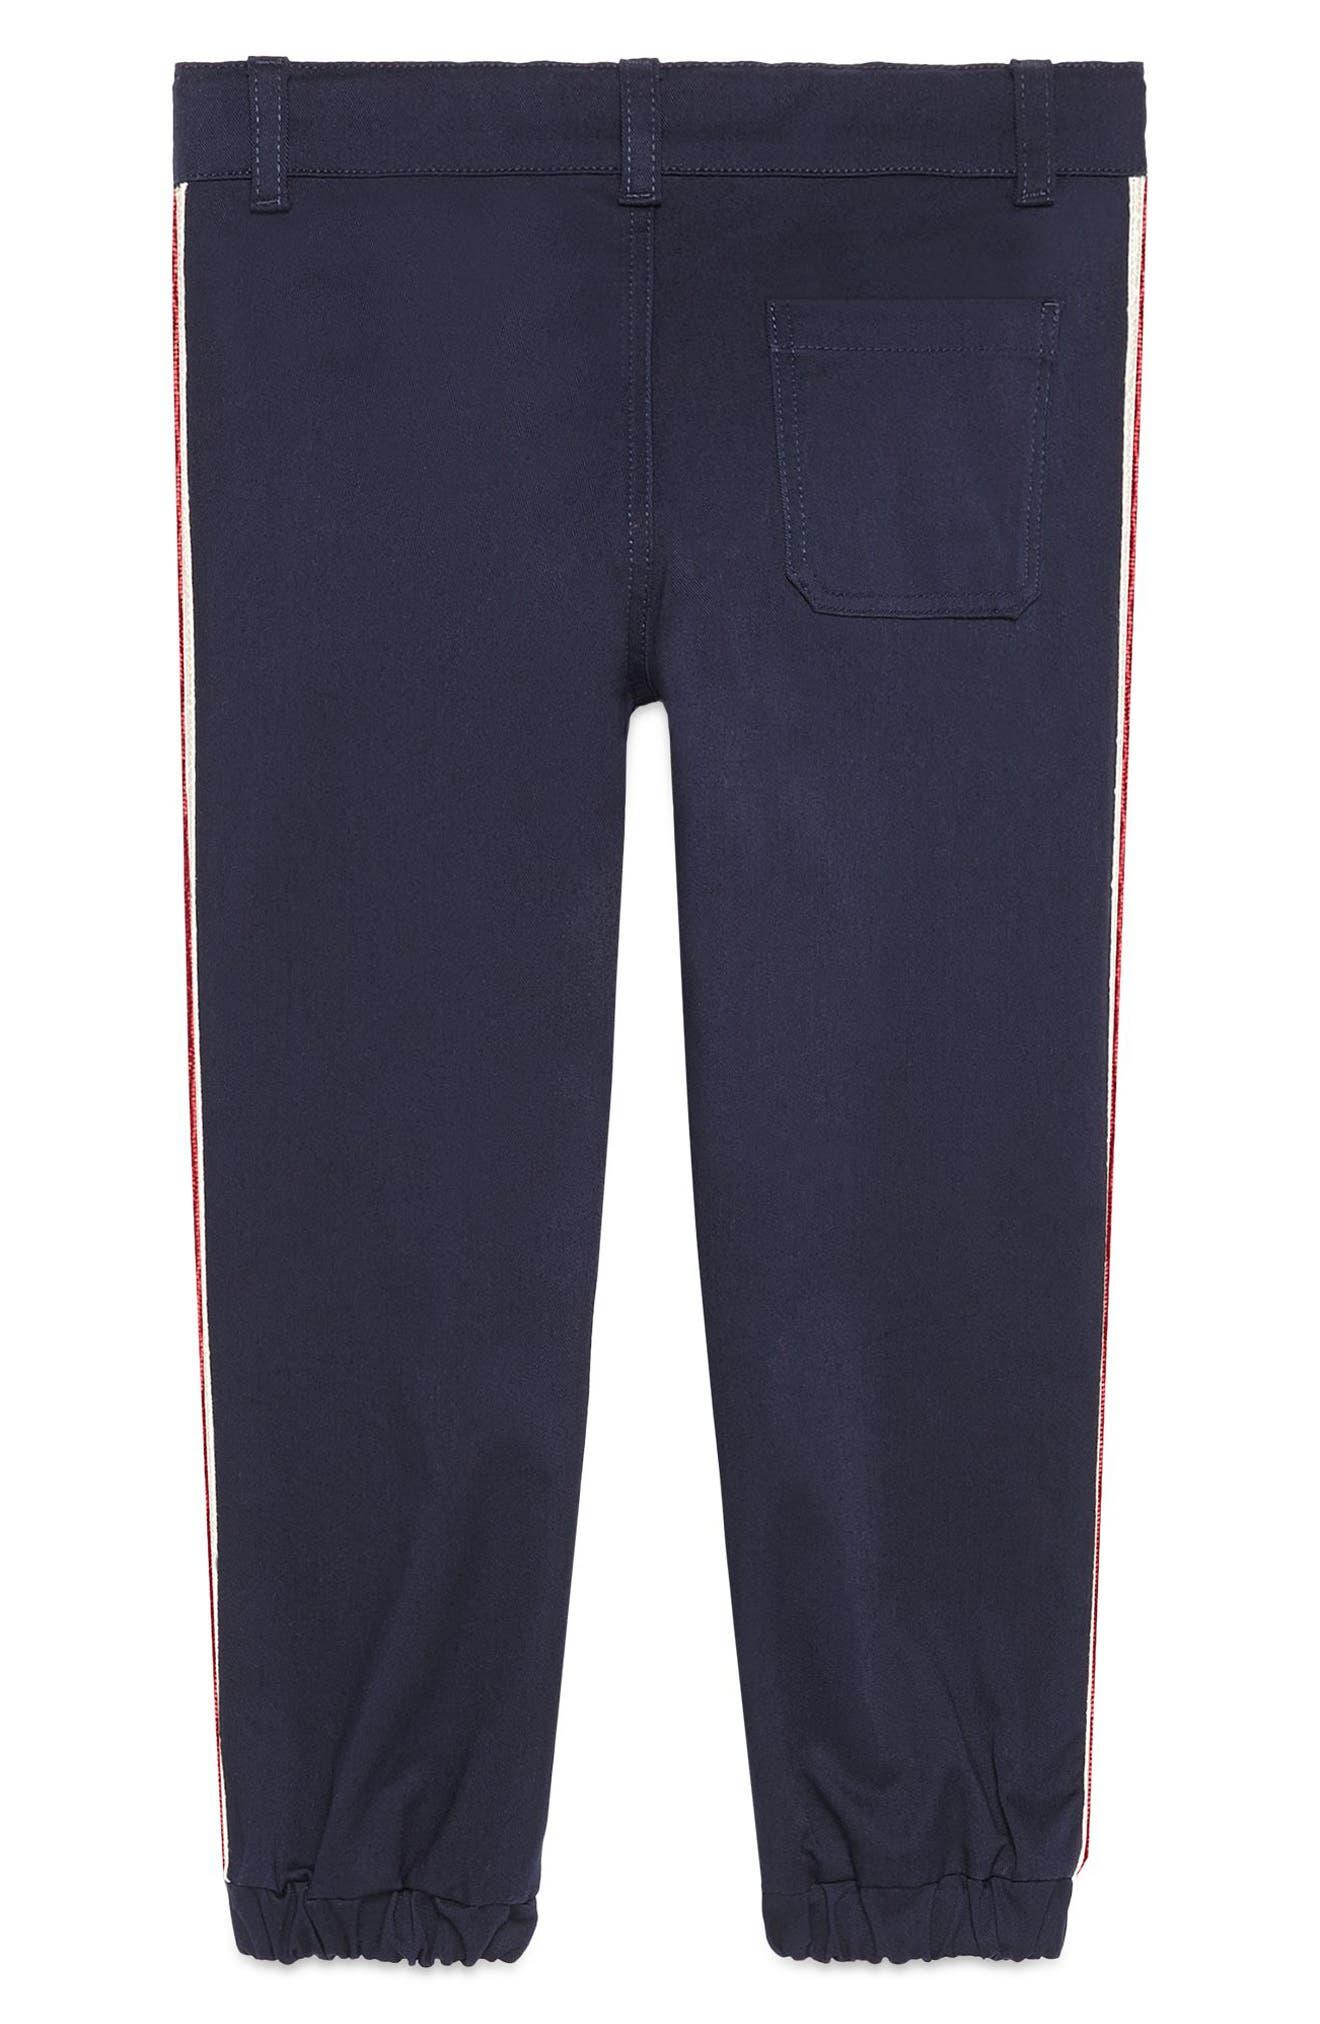 Stripe Pants,                         Main,                         color, BLUE MULTI